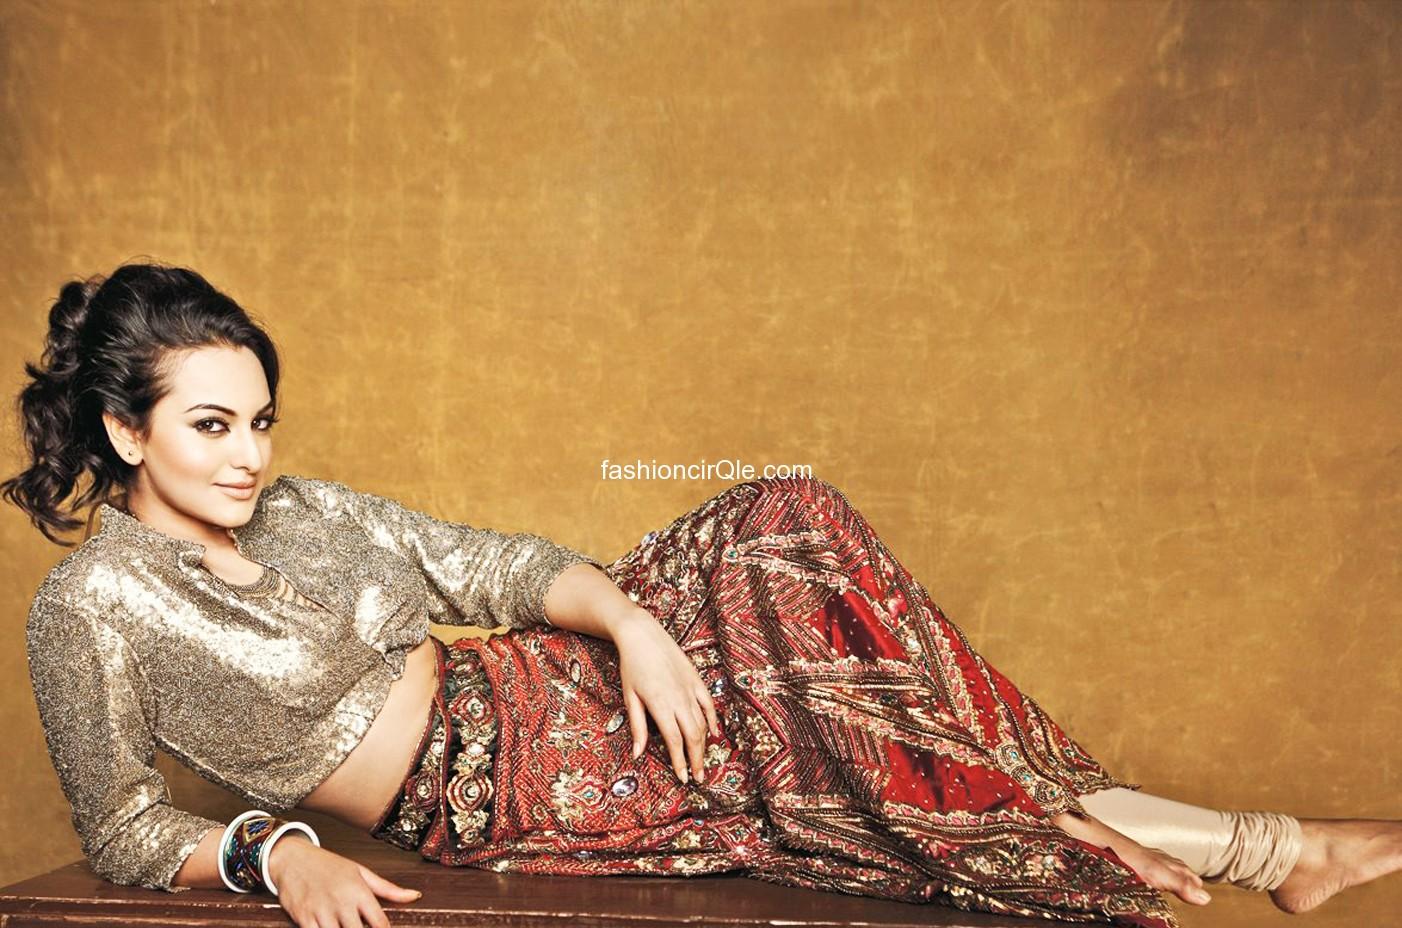 http://2.bp.blogspot.com/-4Rsc6f91iXY/T6ZhxYoIjzI/AAAAAAAAAV0/YWW_lGbjEfA/s1600/Sonakshi+Sinha+new+Hindi+film+Rowdy+Rathore+sexy+wallpapers5.jpg